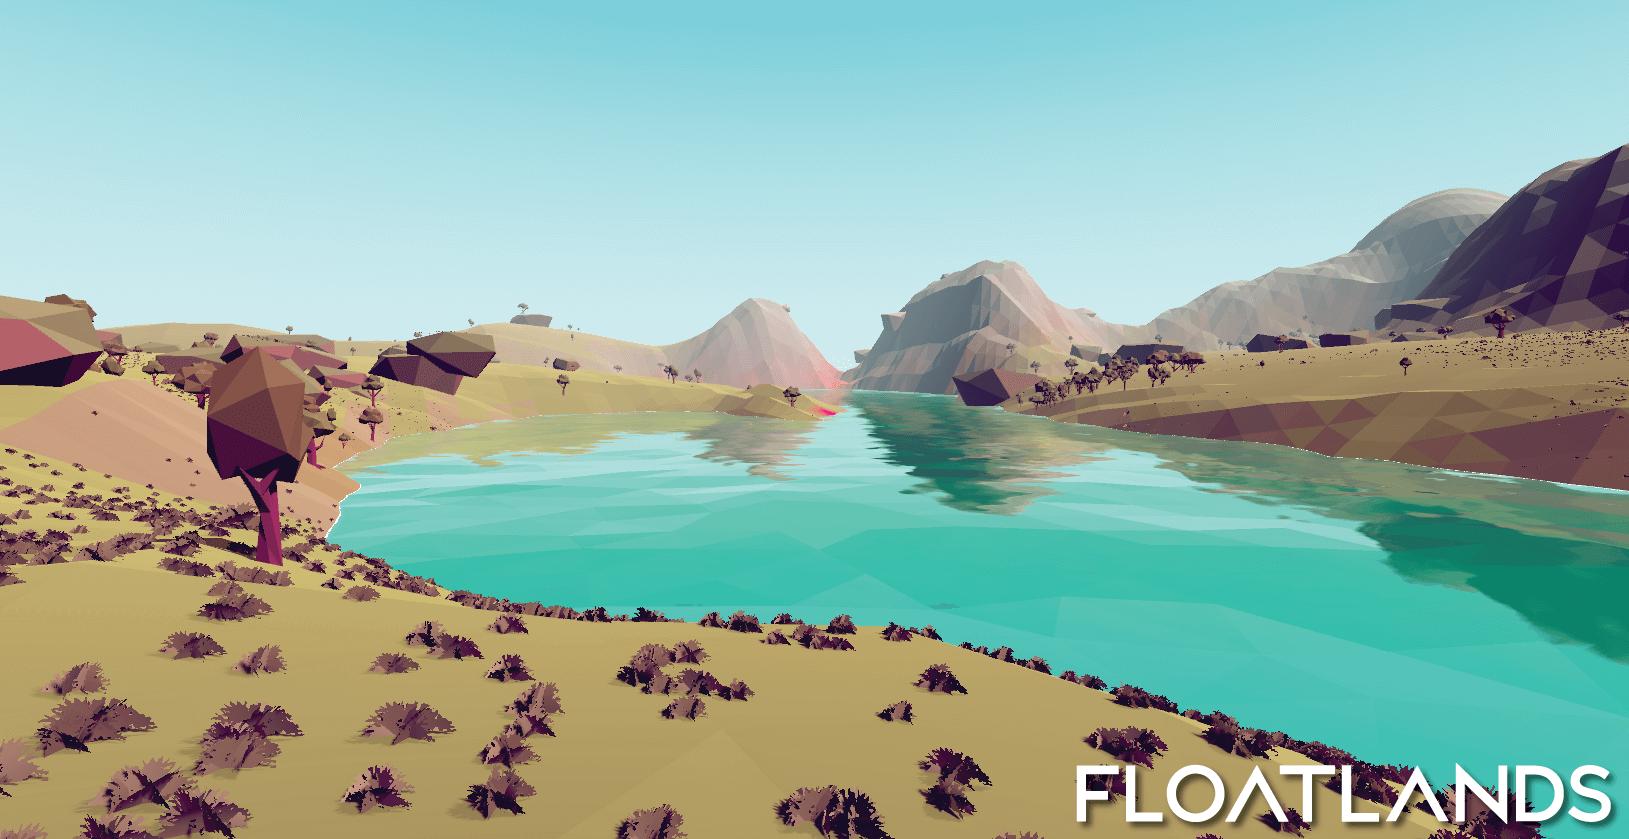 new_world_rivers_lowpoly_floatla.png